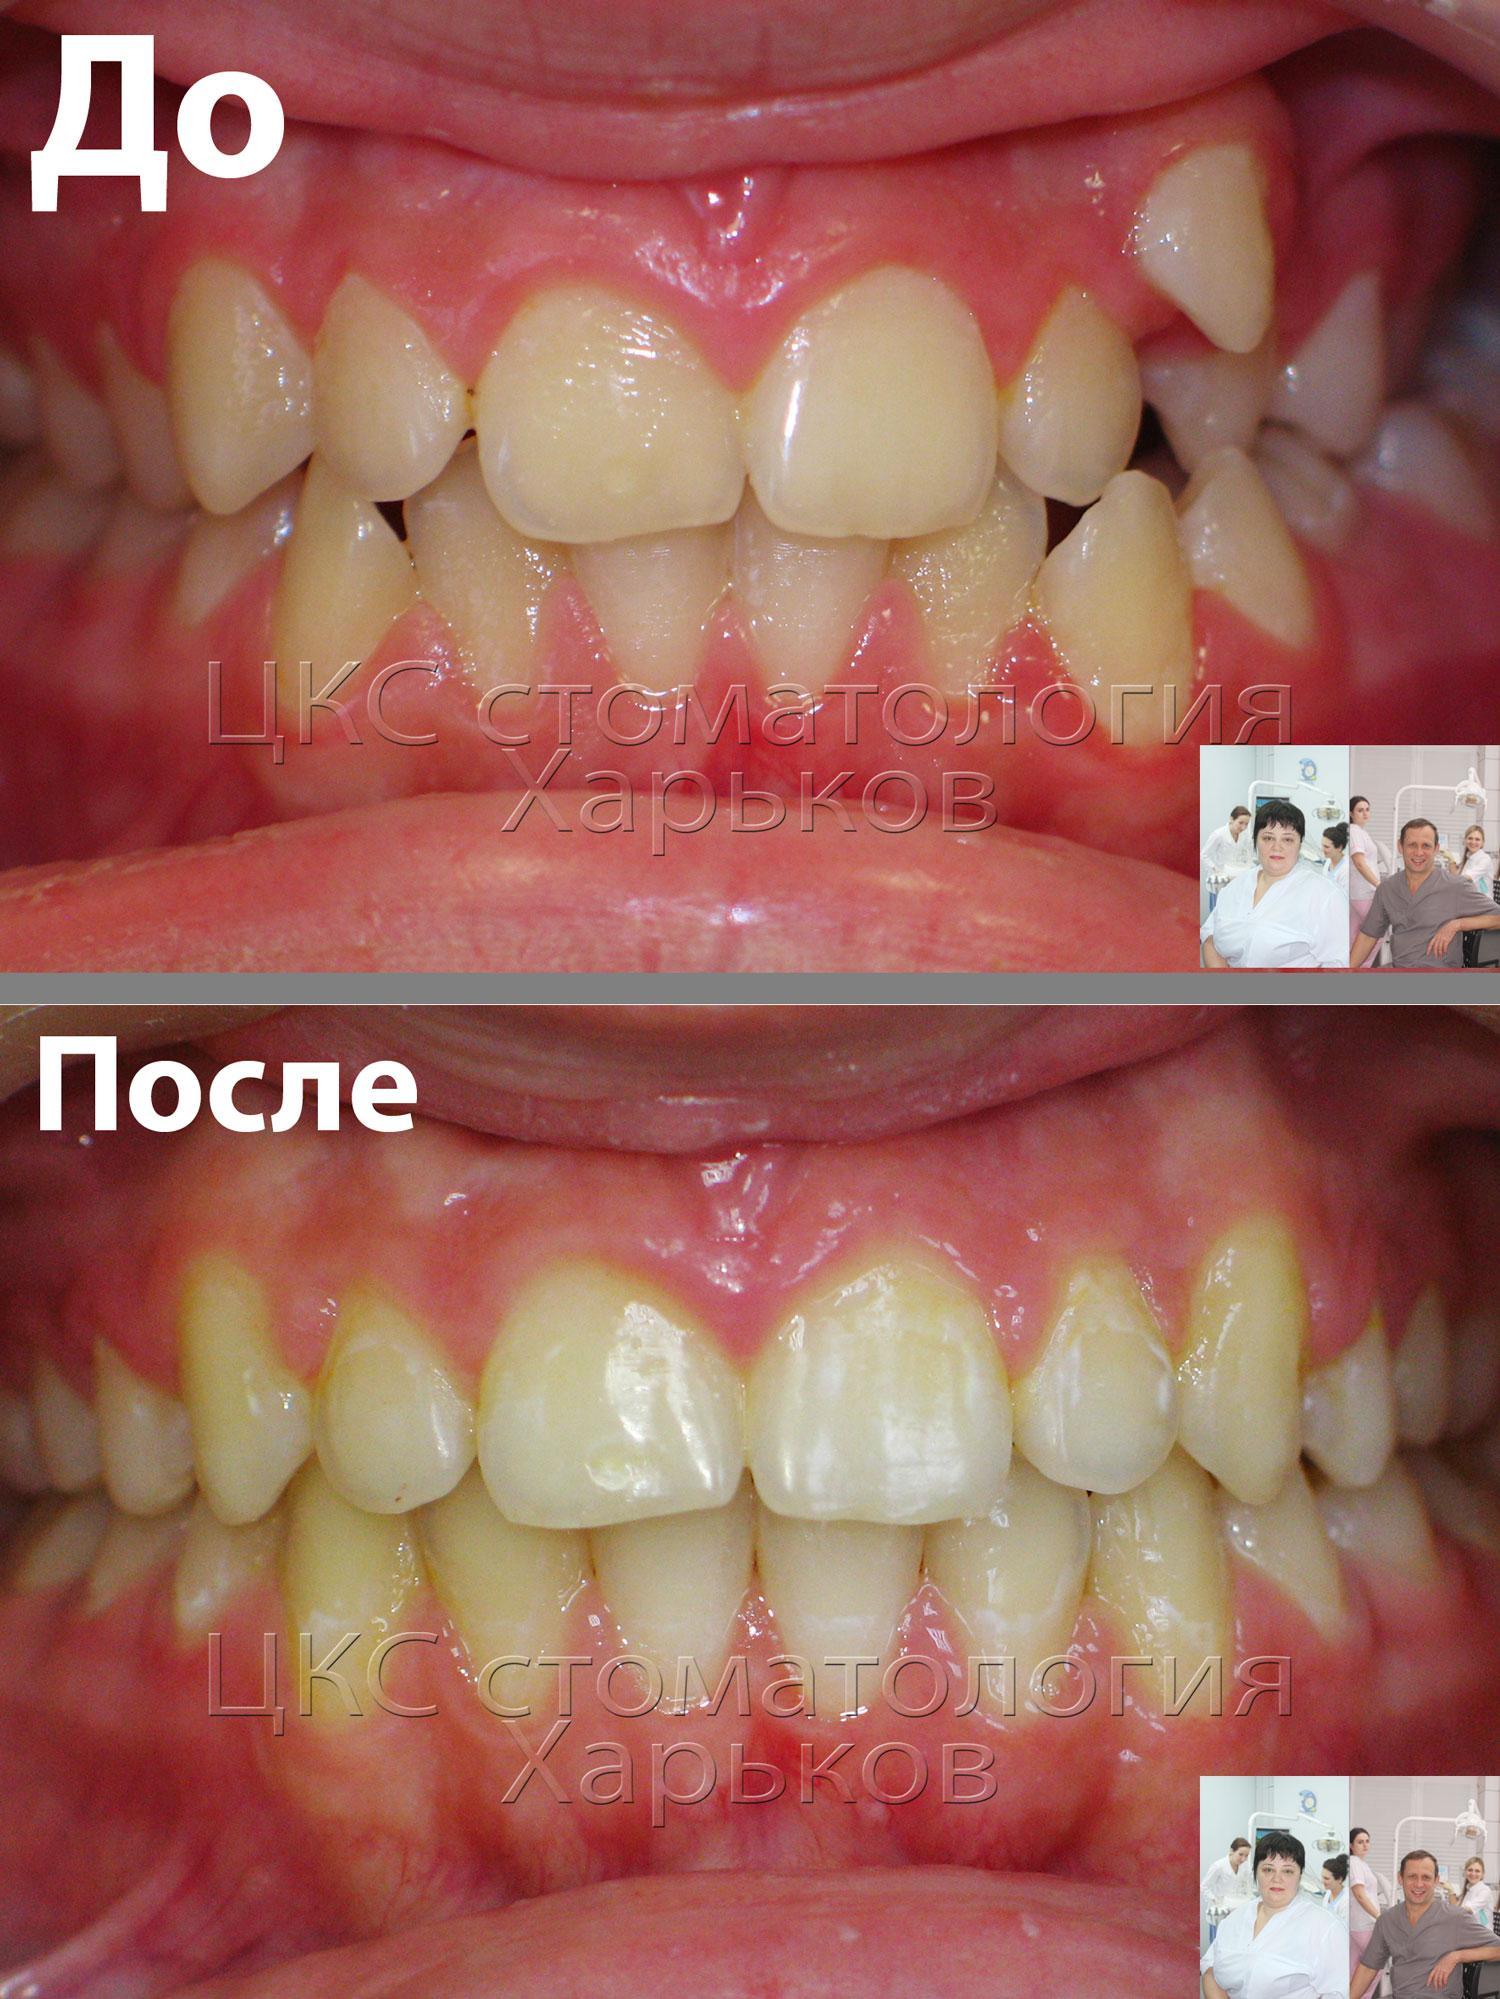 Неровные зубы, лечение брекетами. Фото до и после